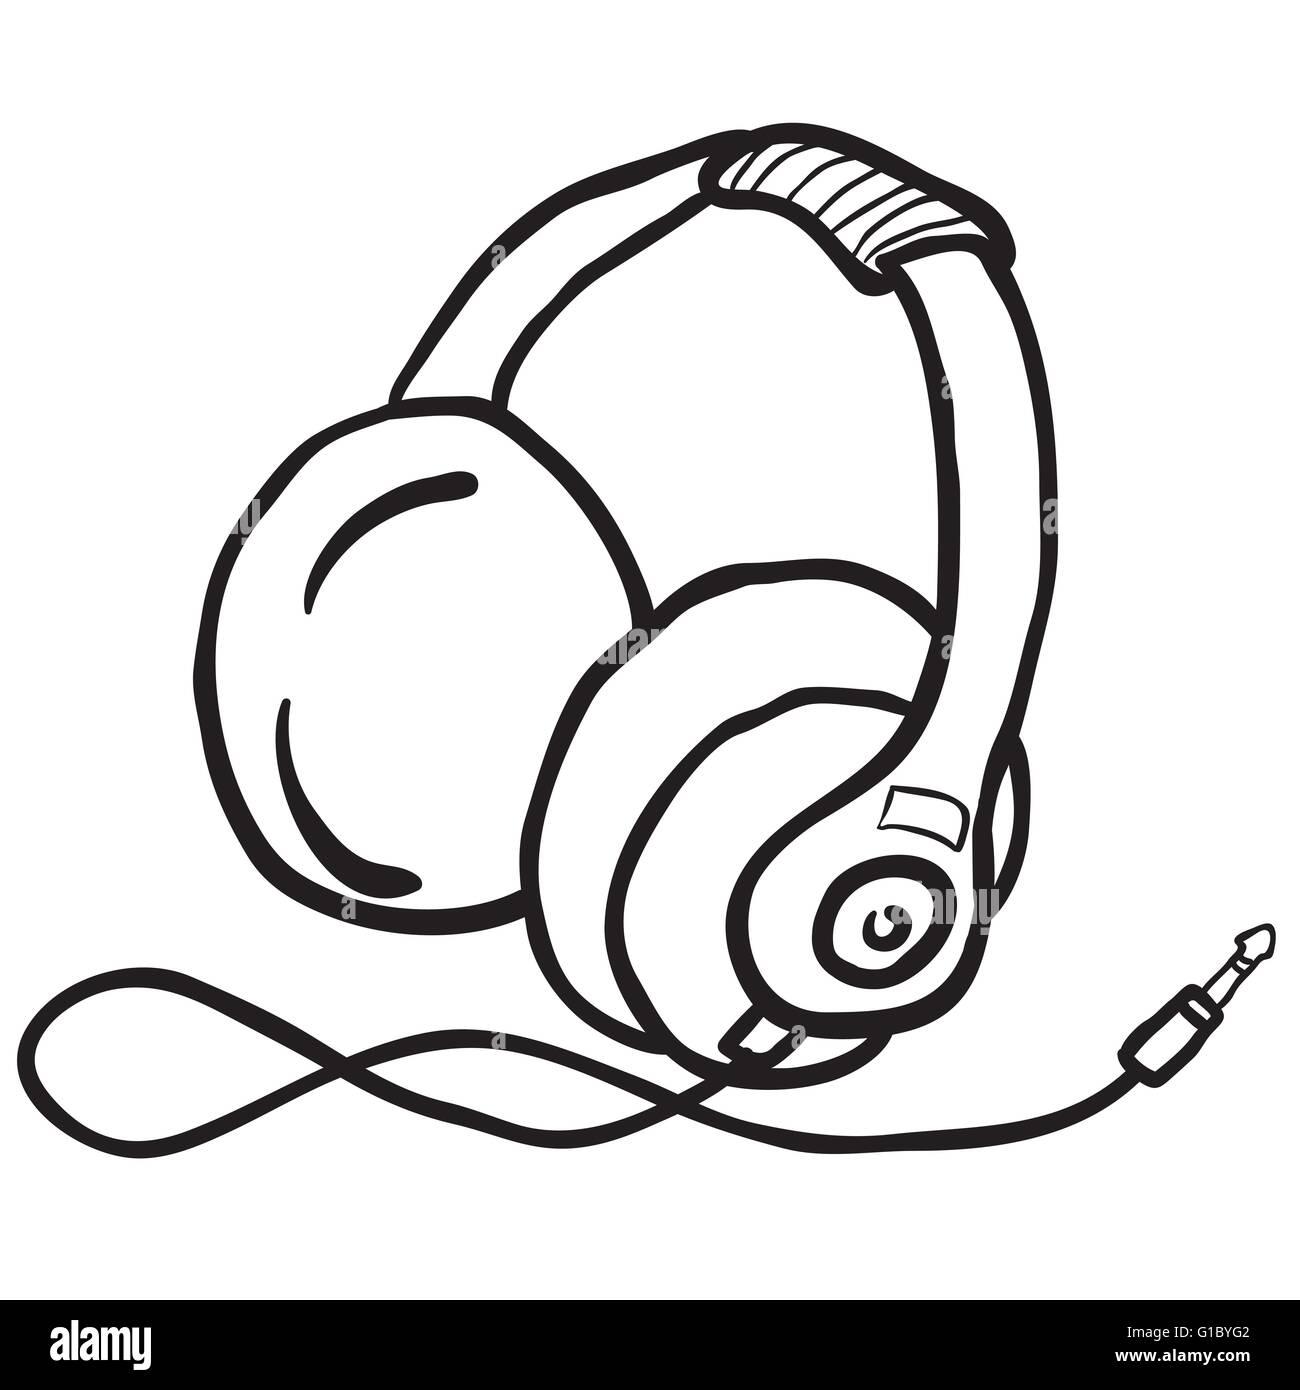 einfache schwarze und weiße Kopfhörer Vektor Abbildung - Bild ...